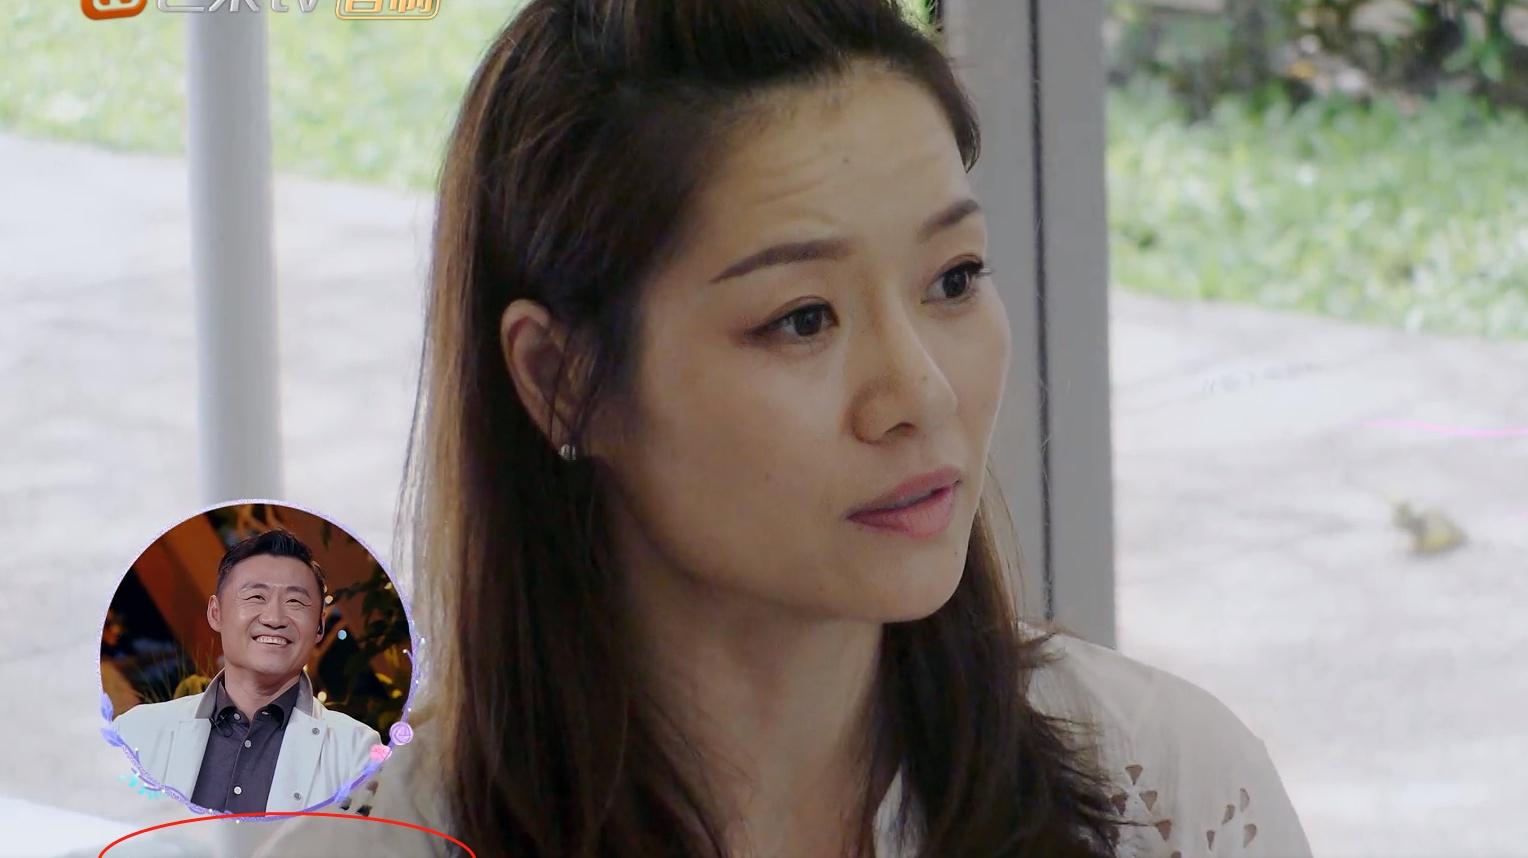 李娜自曝触及底线要离婚,姜山直接叫来律师,场面彻底失控了!